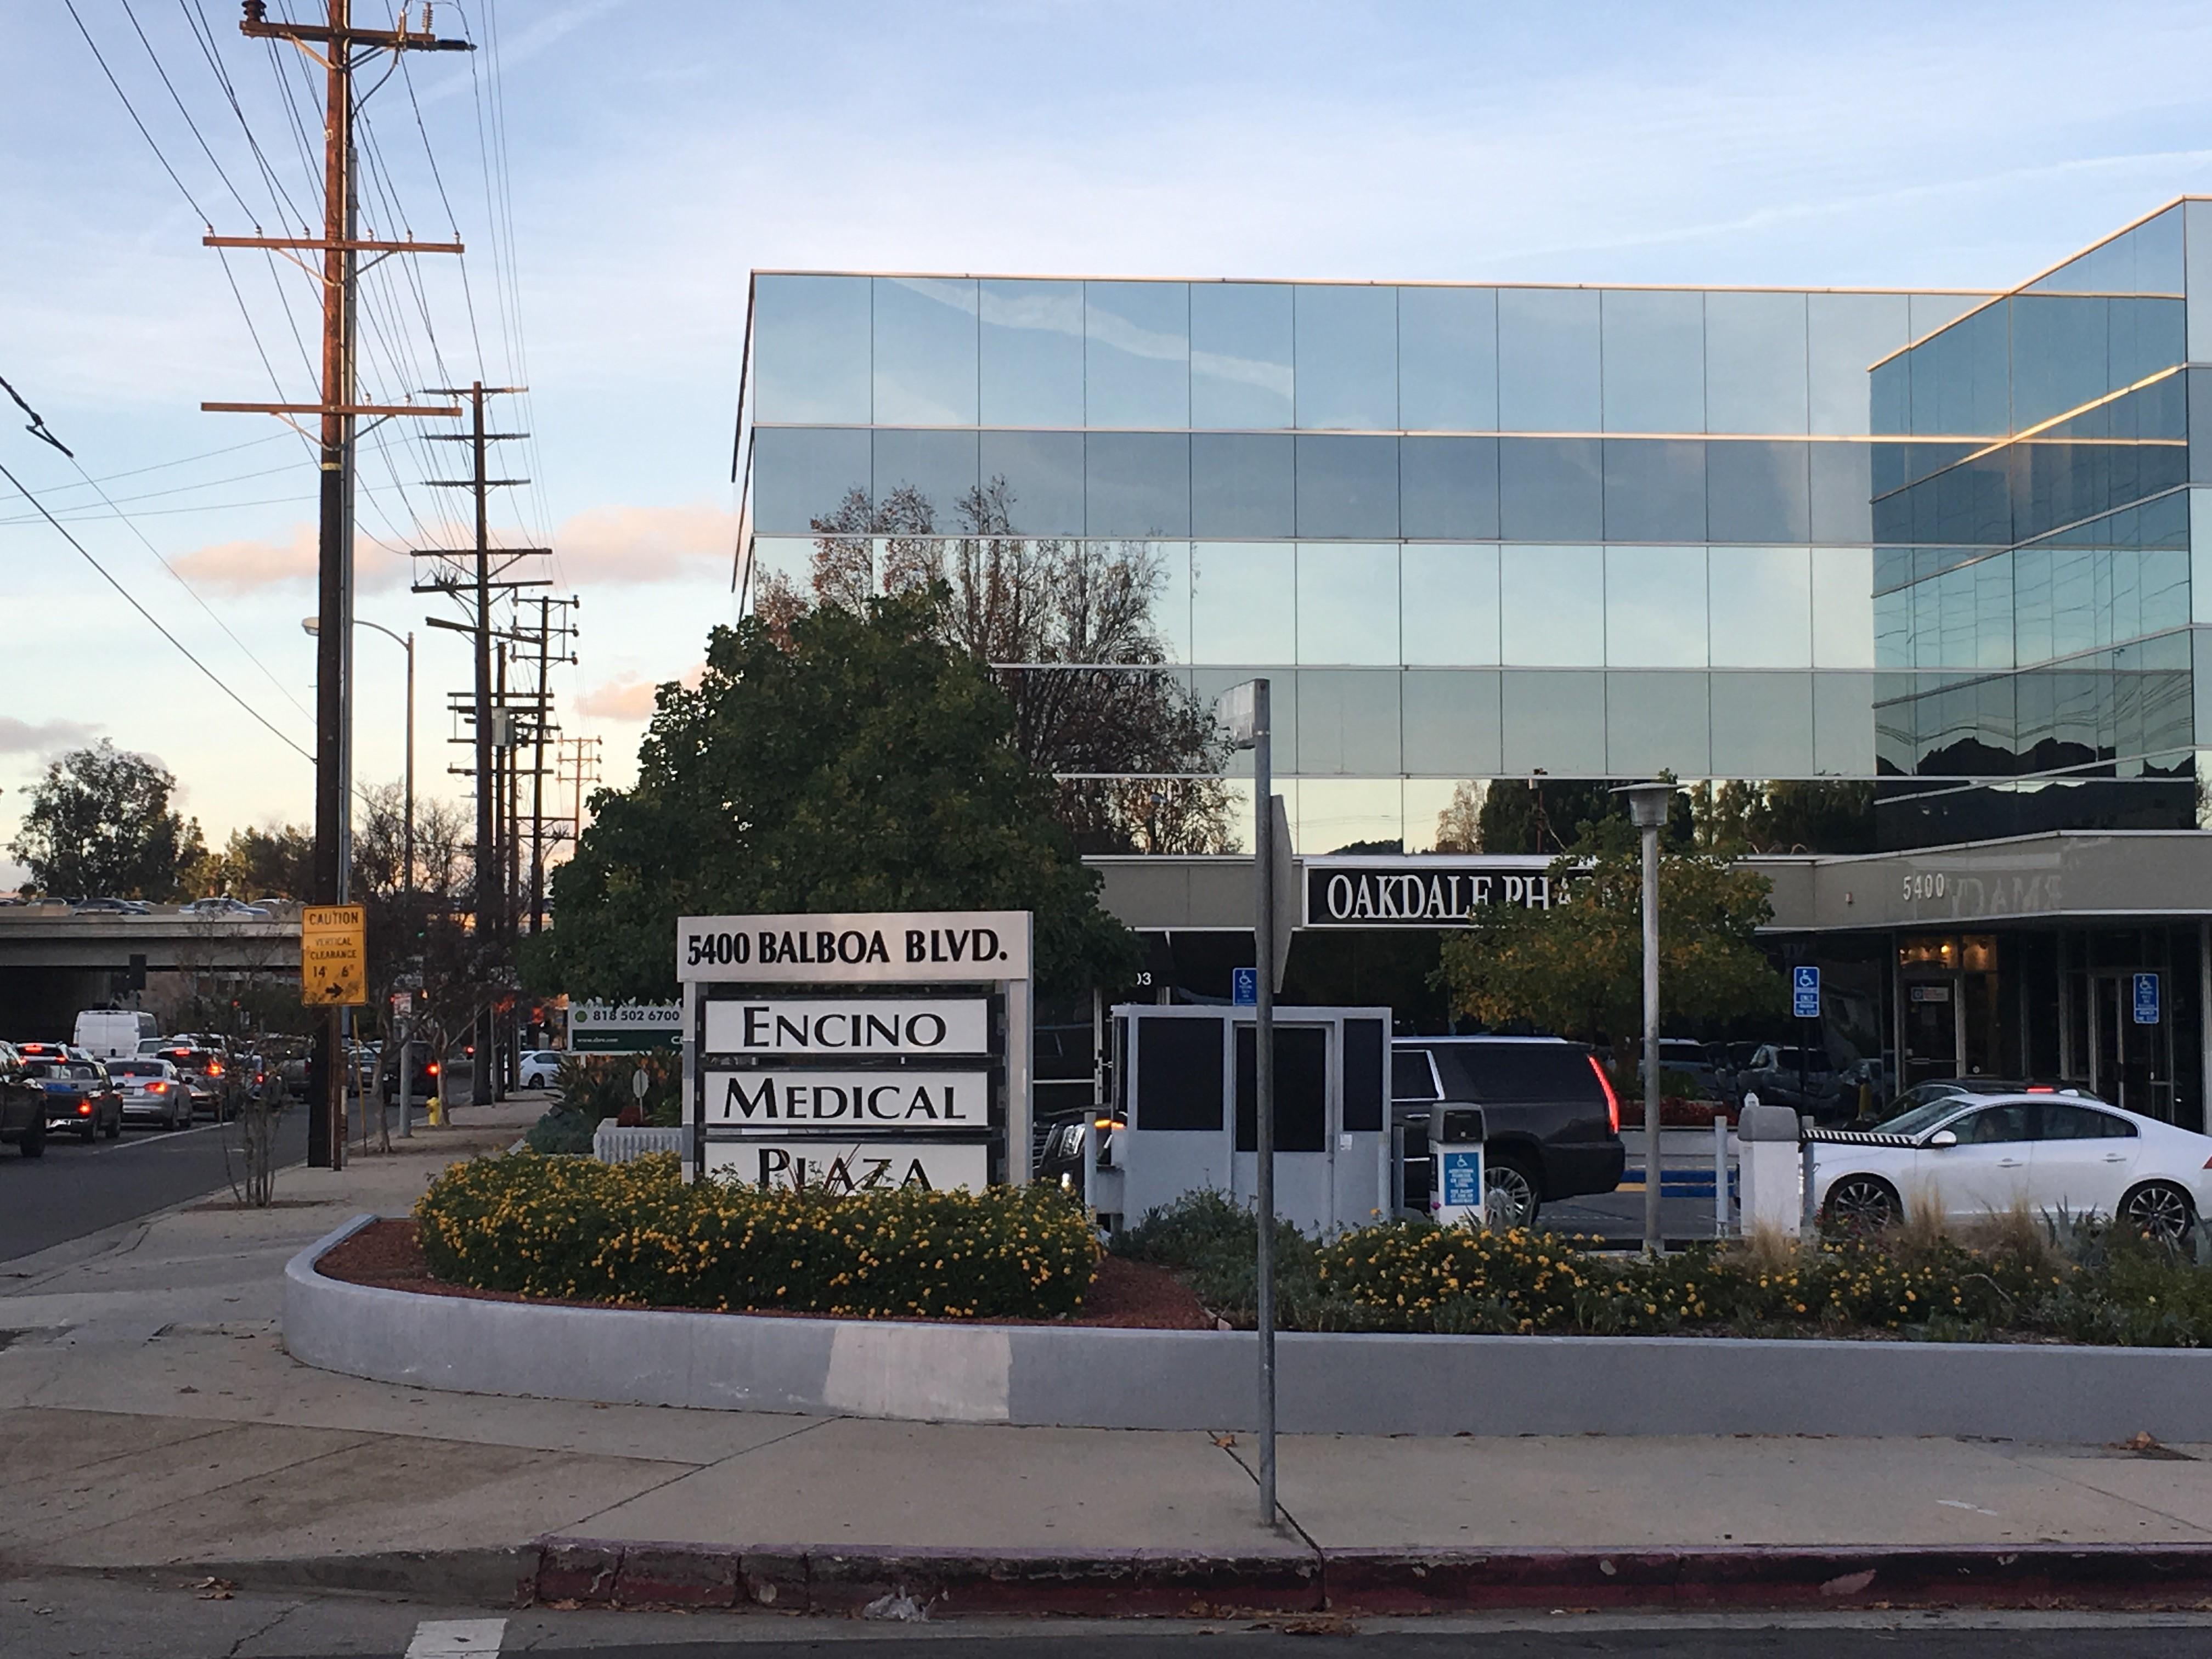 Encino sleep center - Advanced Sleep Medicine Services - building